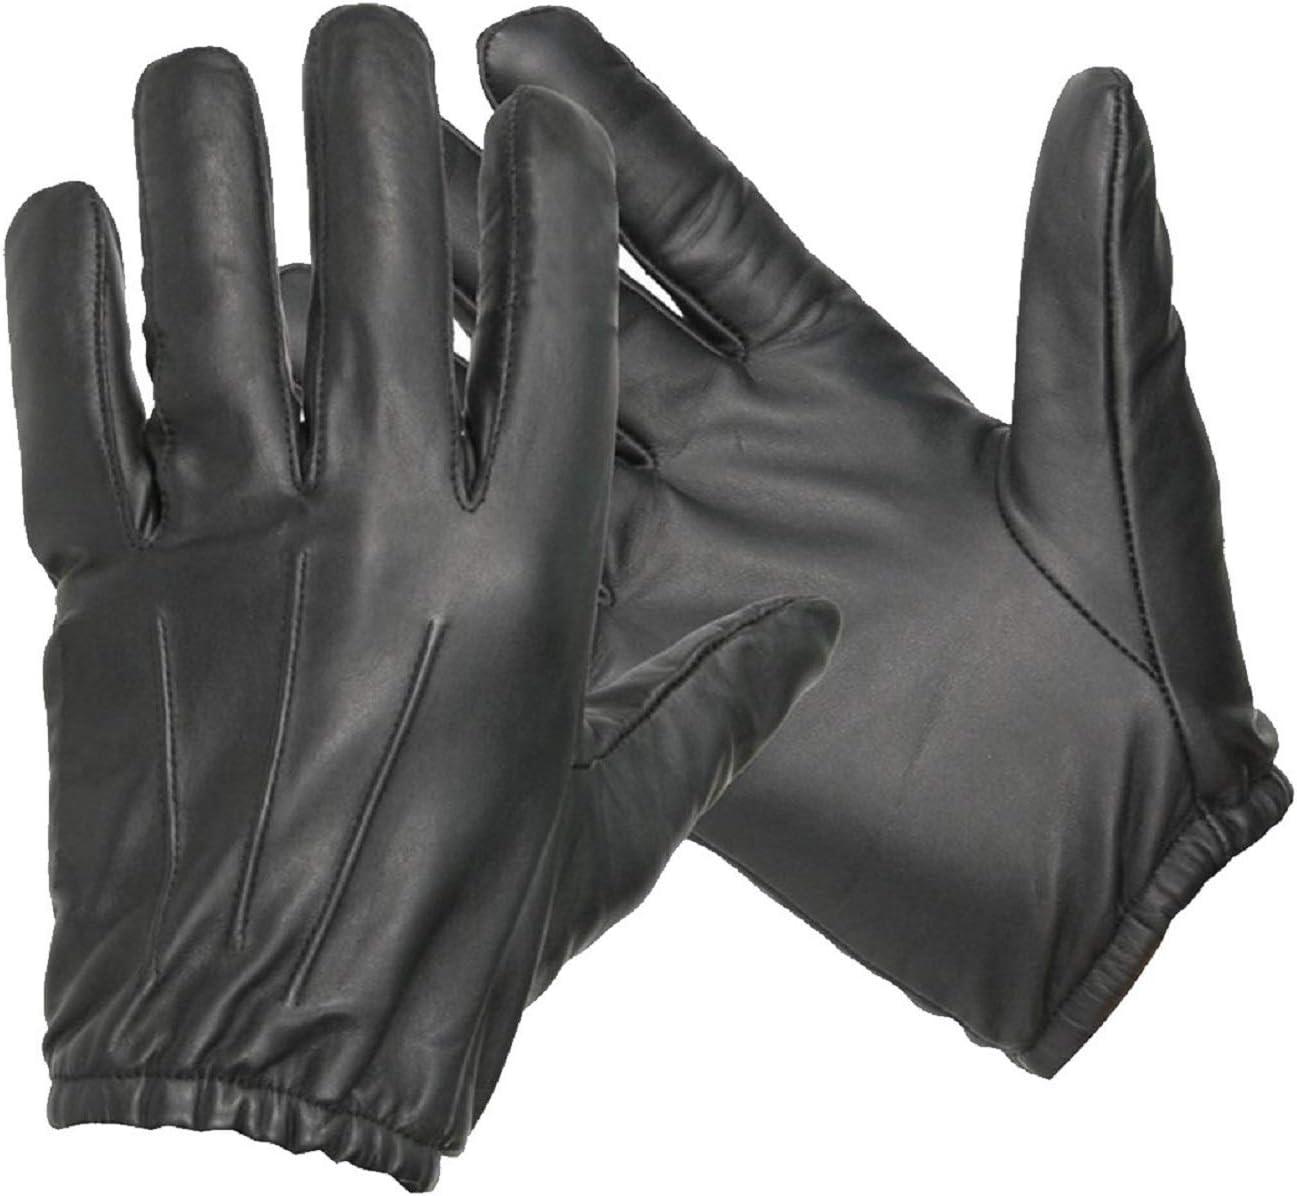 Guantes de seguridad Swift Wears de cuero y Kevlar negro resistente al fuego y a prueba de cortes, negro